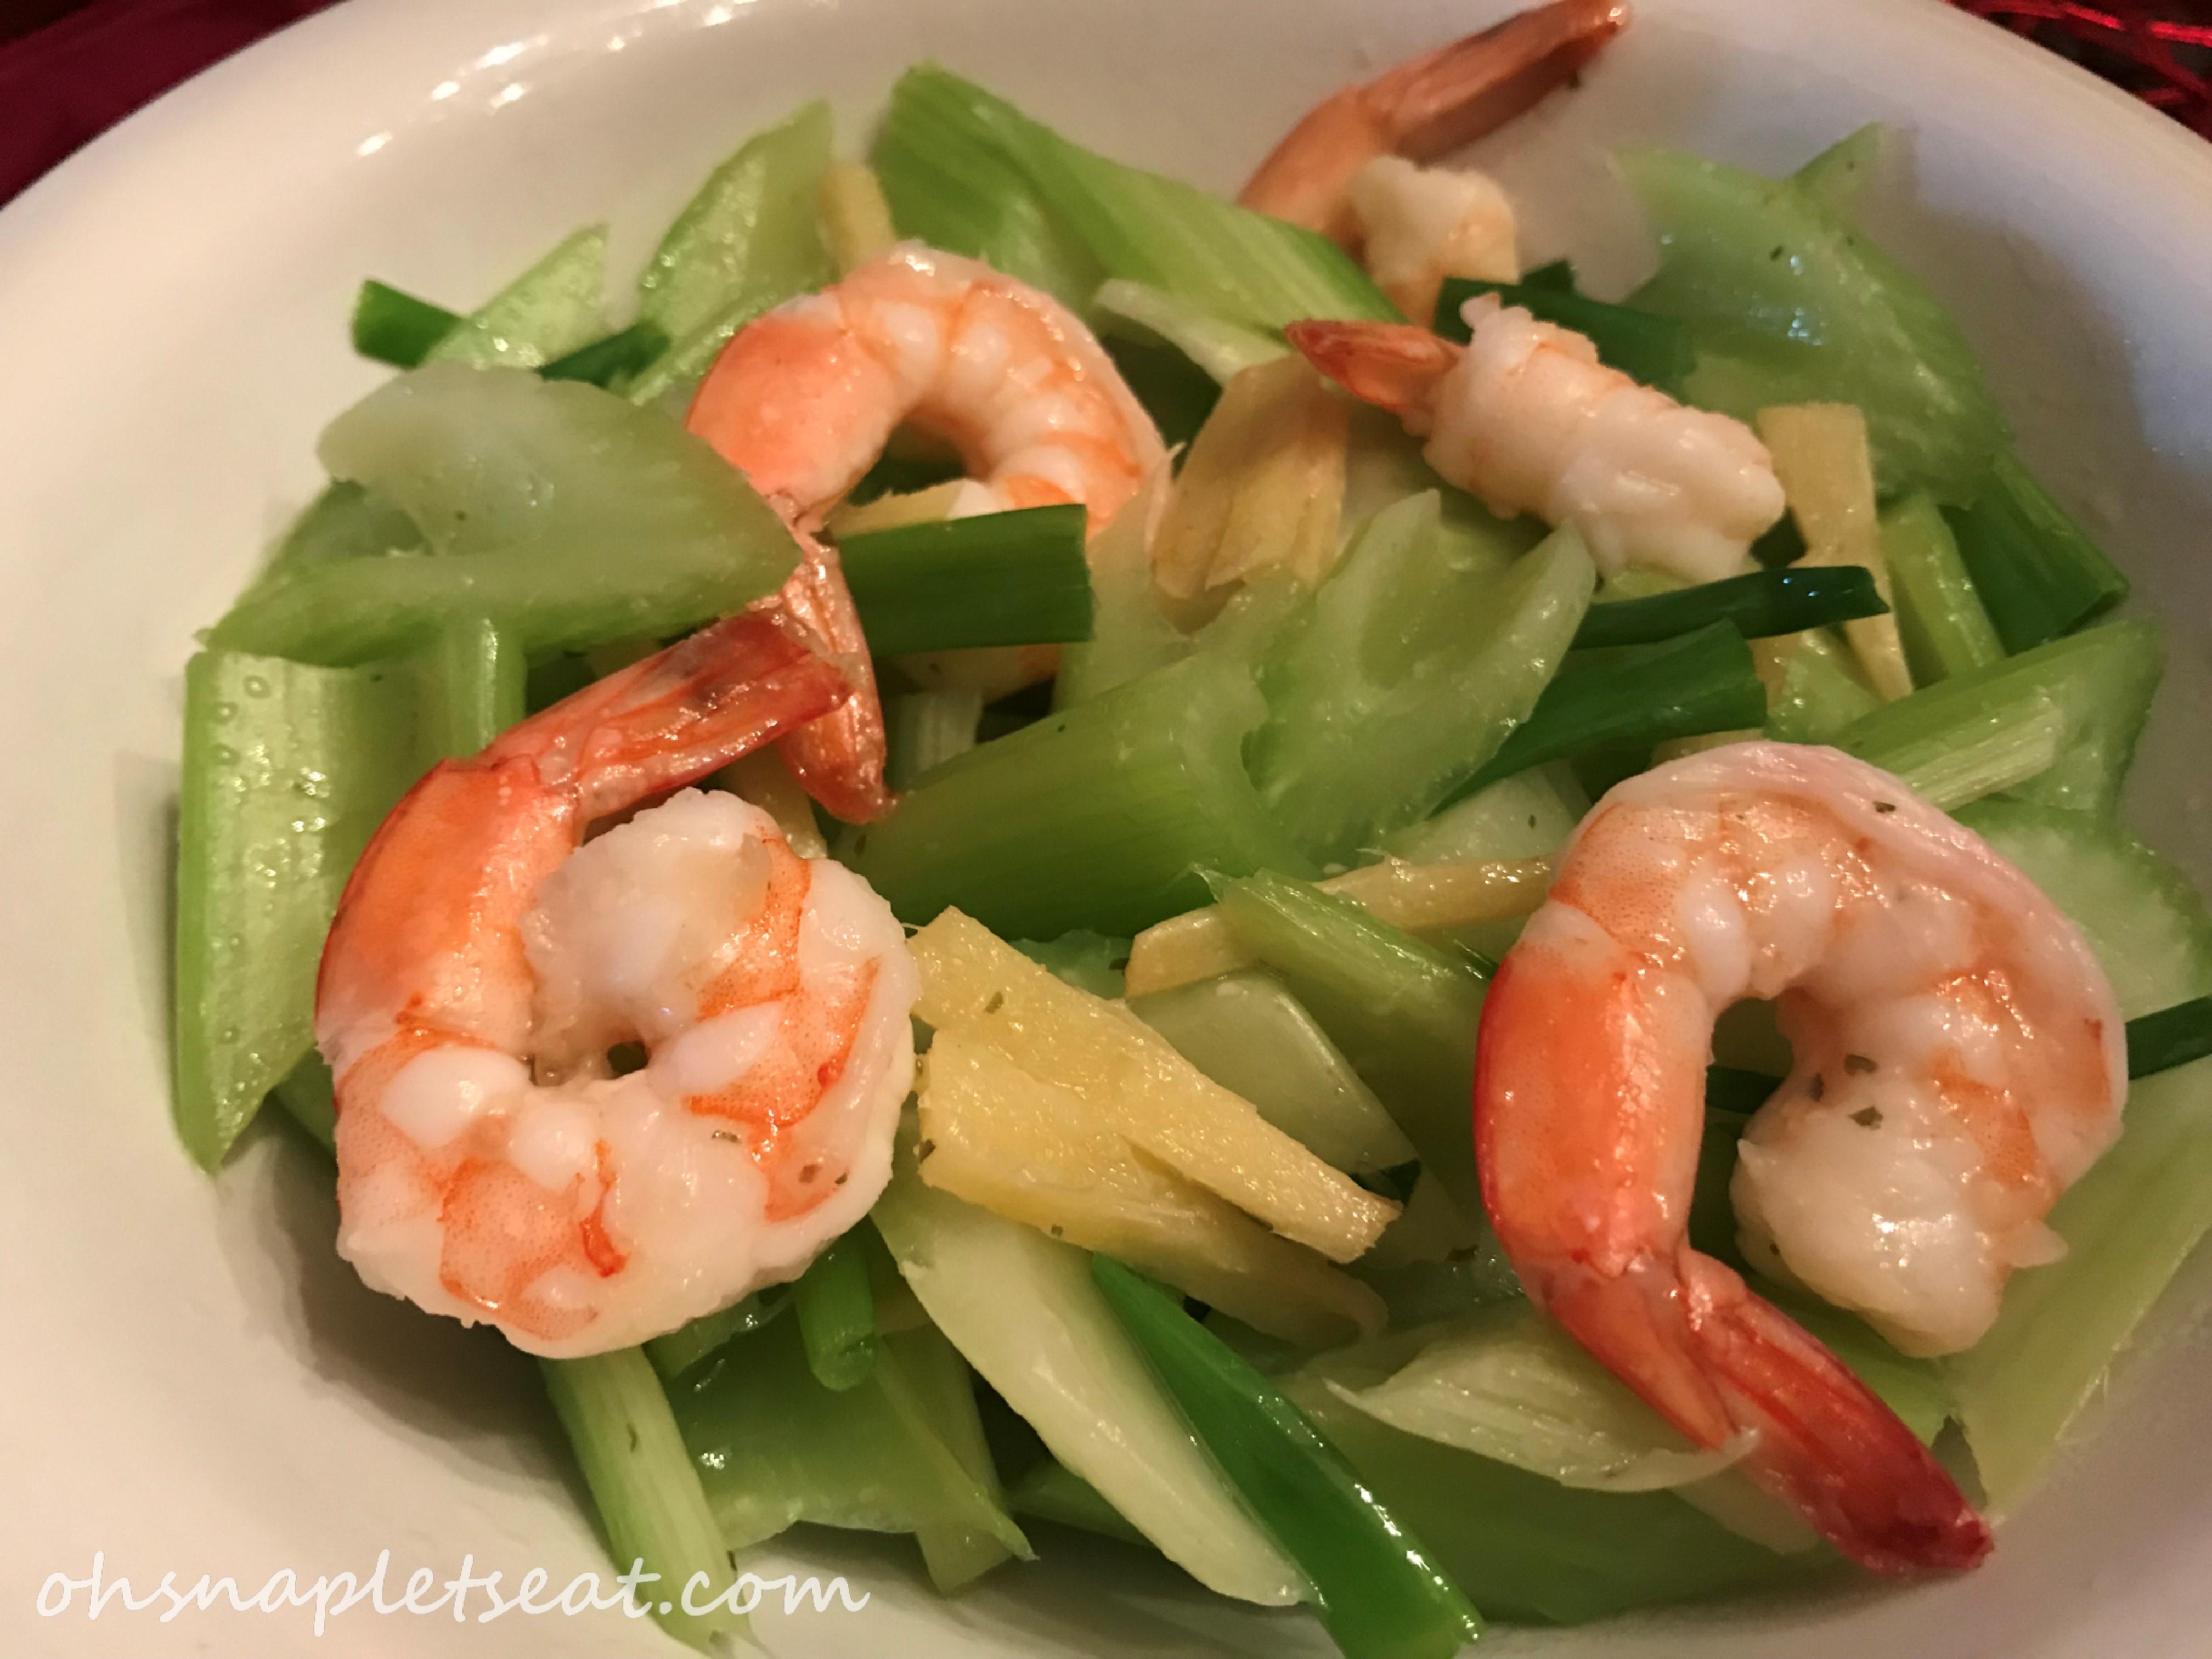 Celery and Shrimp Stir Fry